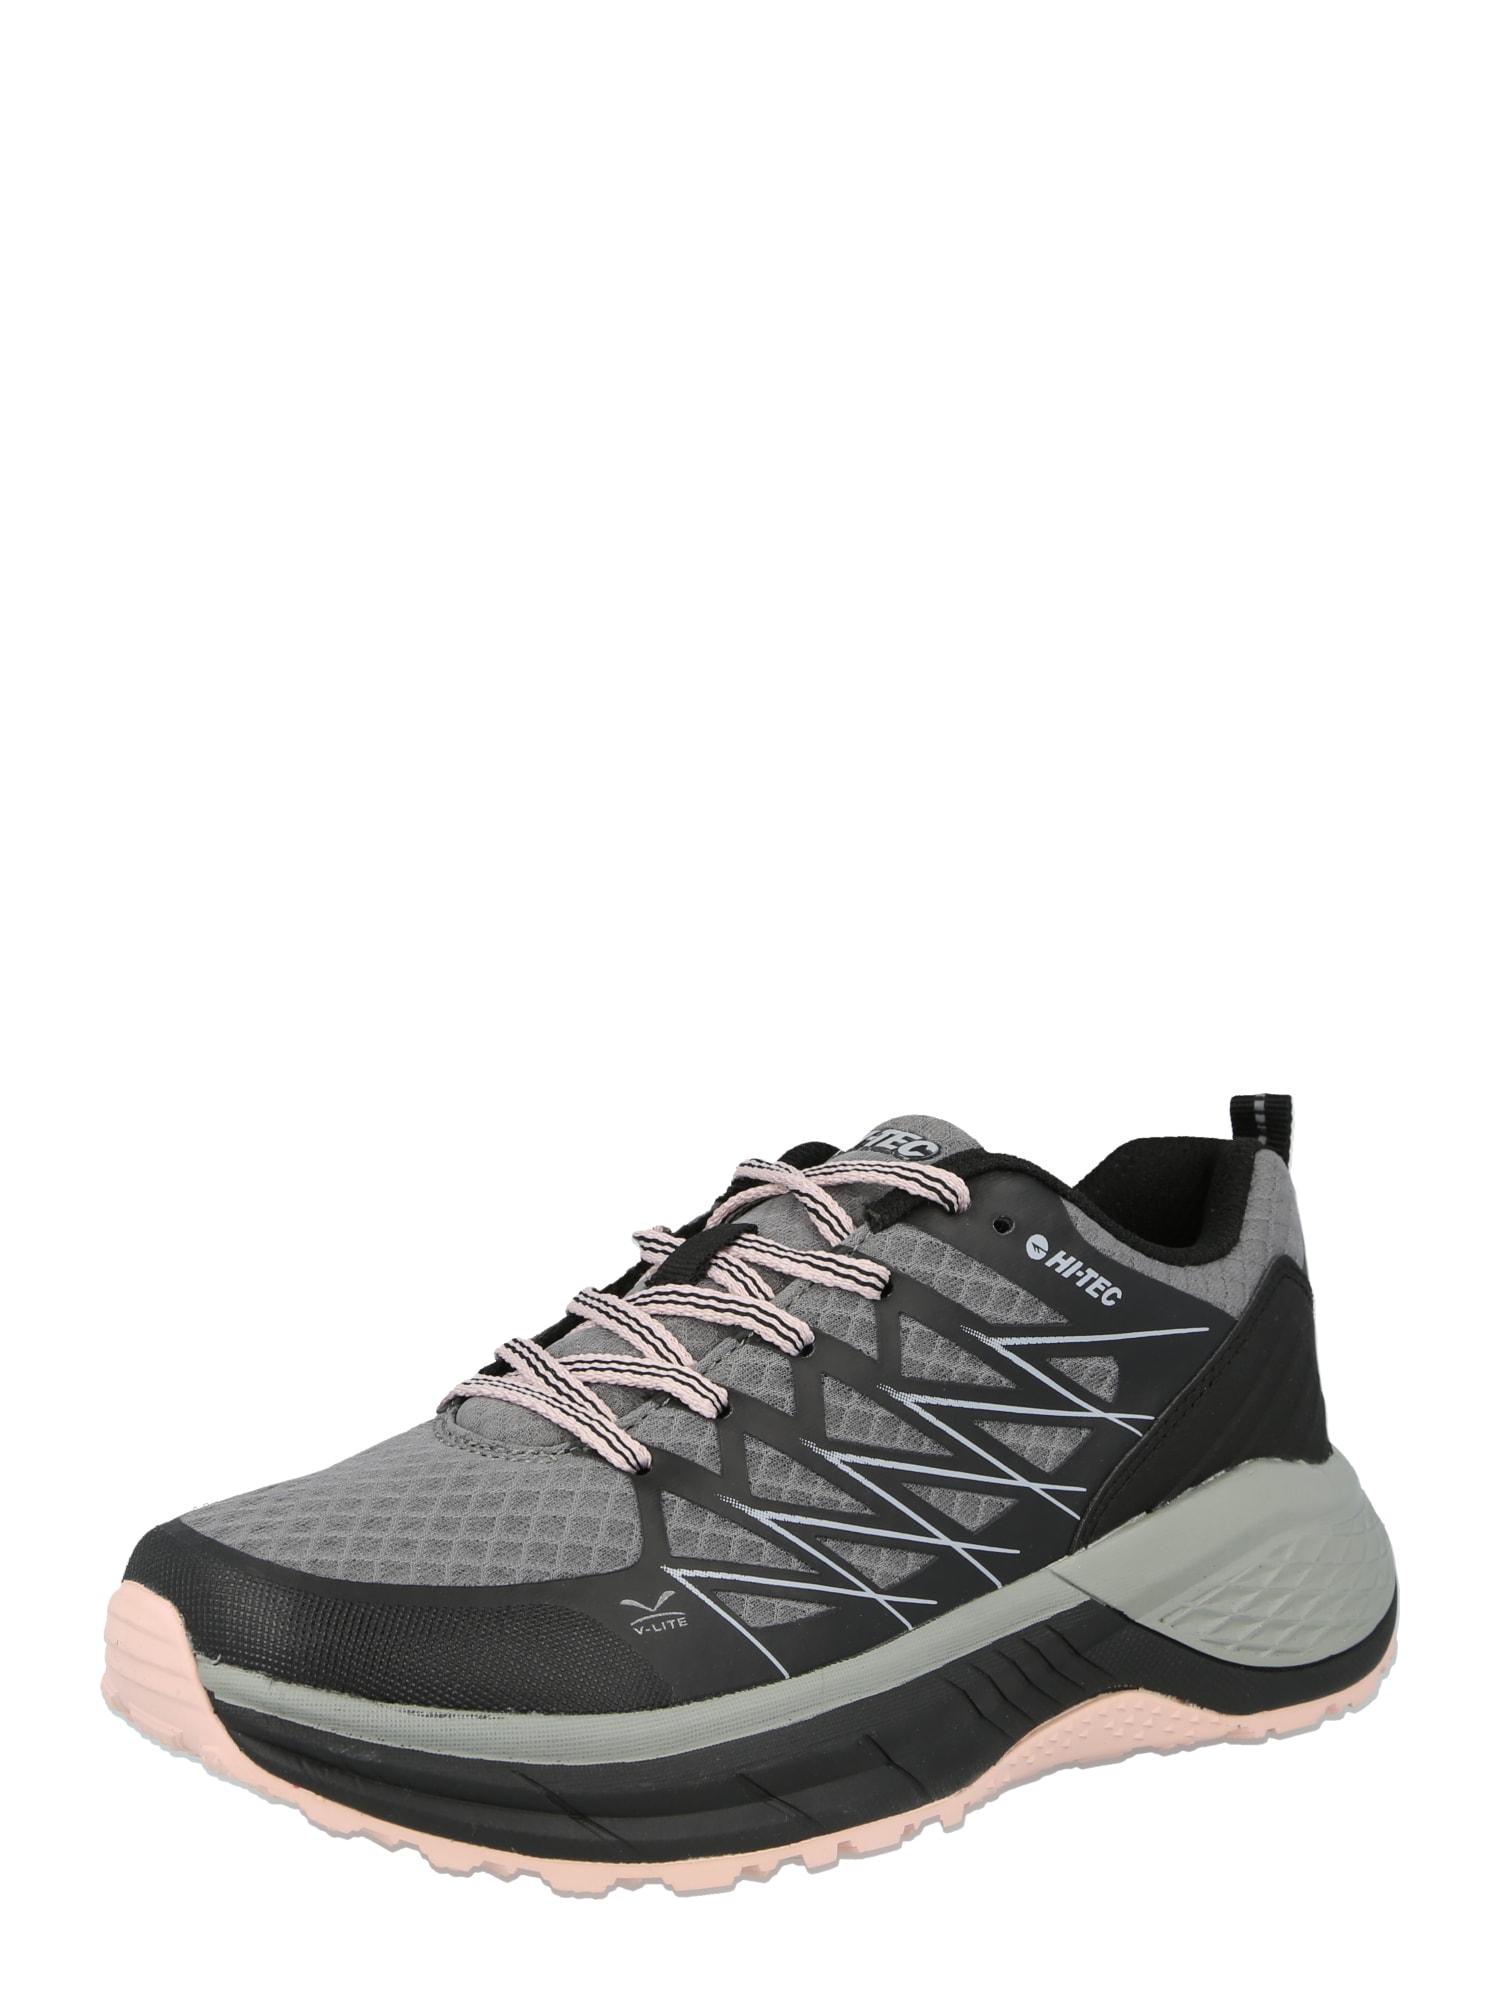 HI-TEC Bėgimo batai